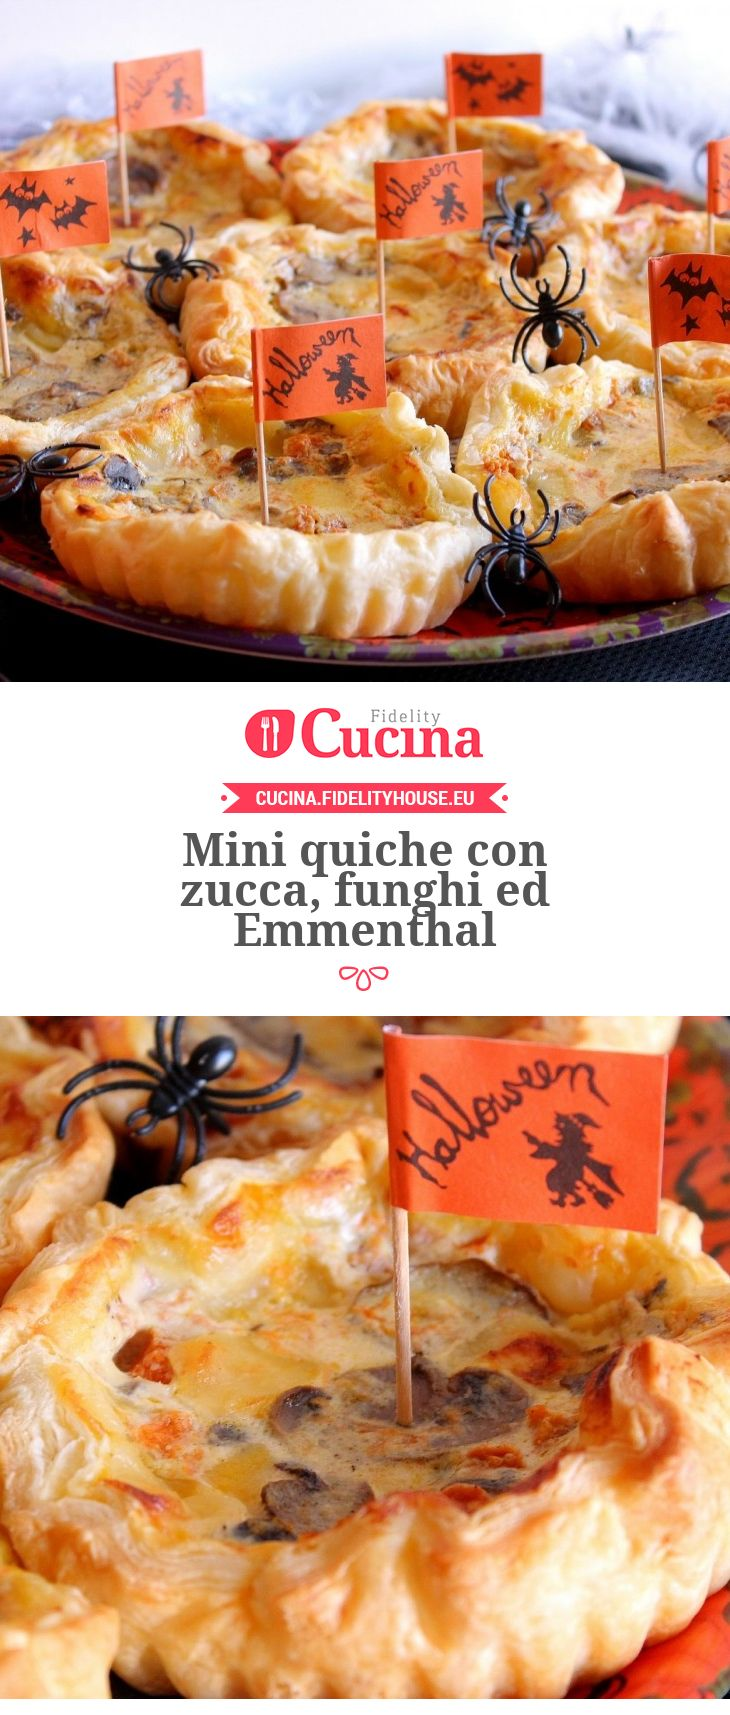 Mini #quiche con #zucca, #funghi ed #Emmenthal della nostra utente Giovanna. Unisciti alla nostra Community ed invia le tue ricette!